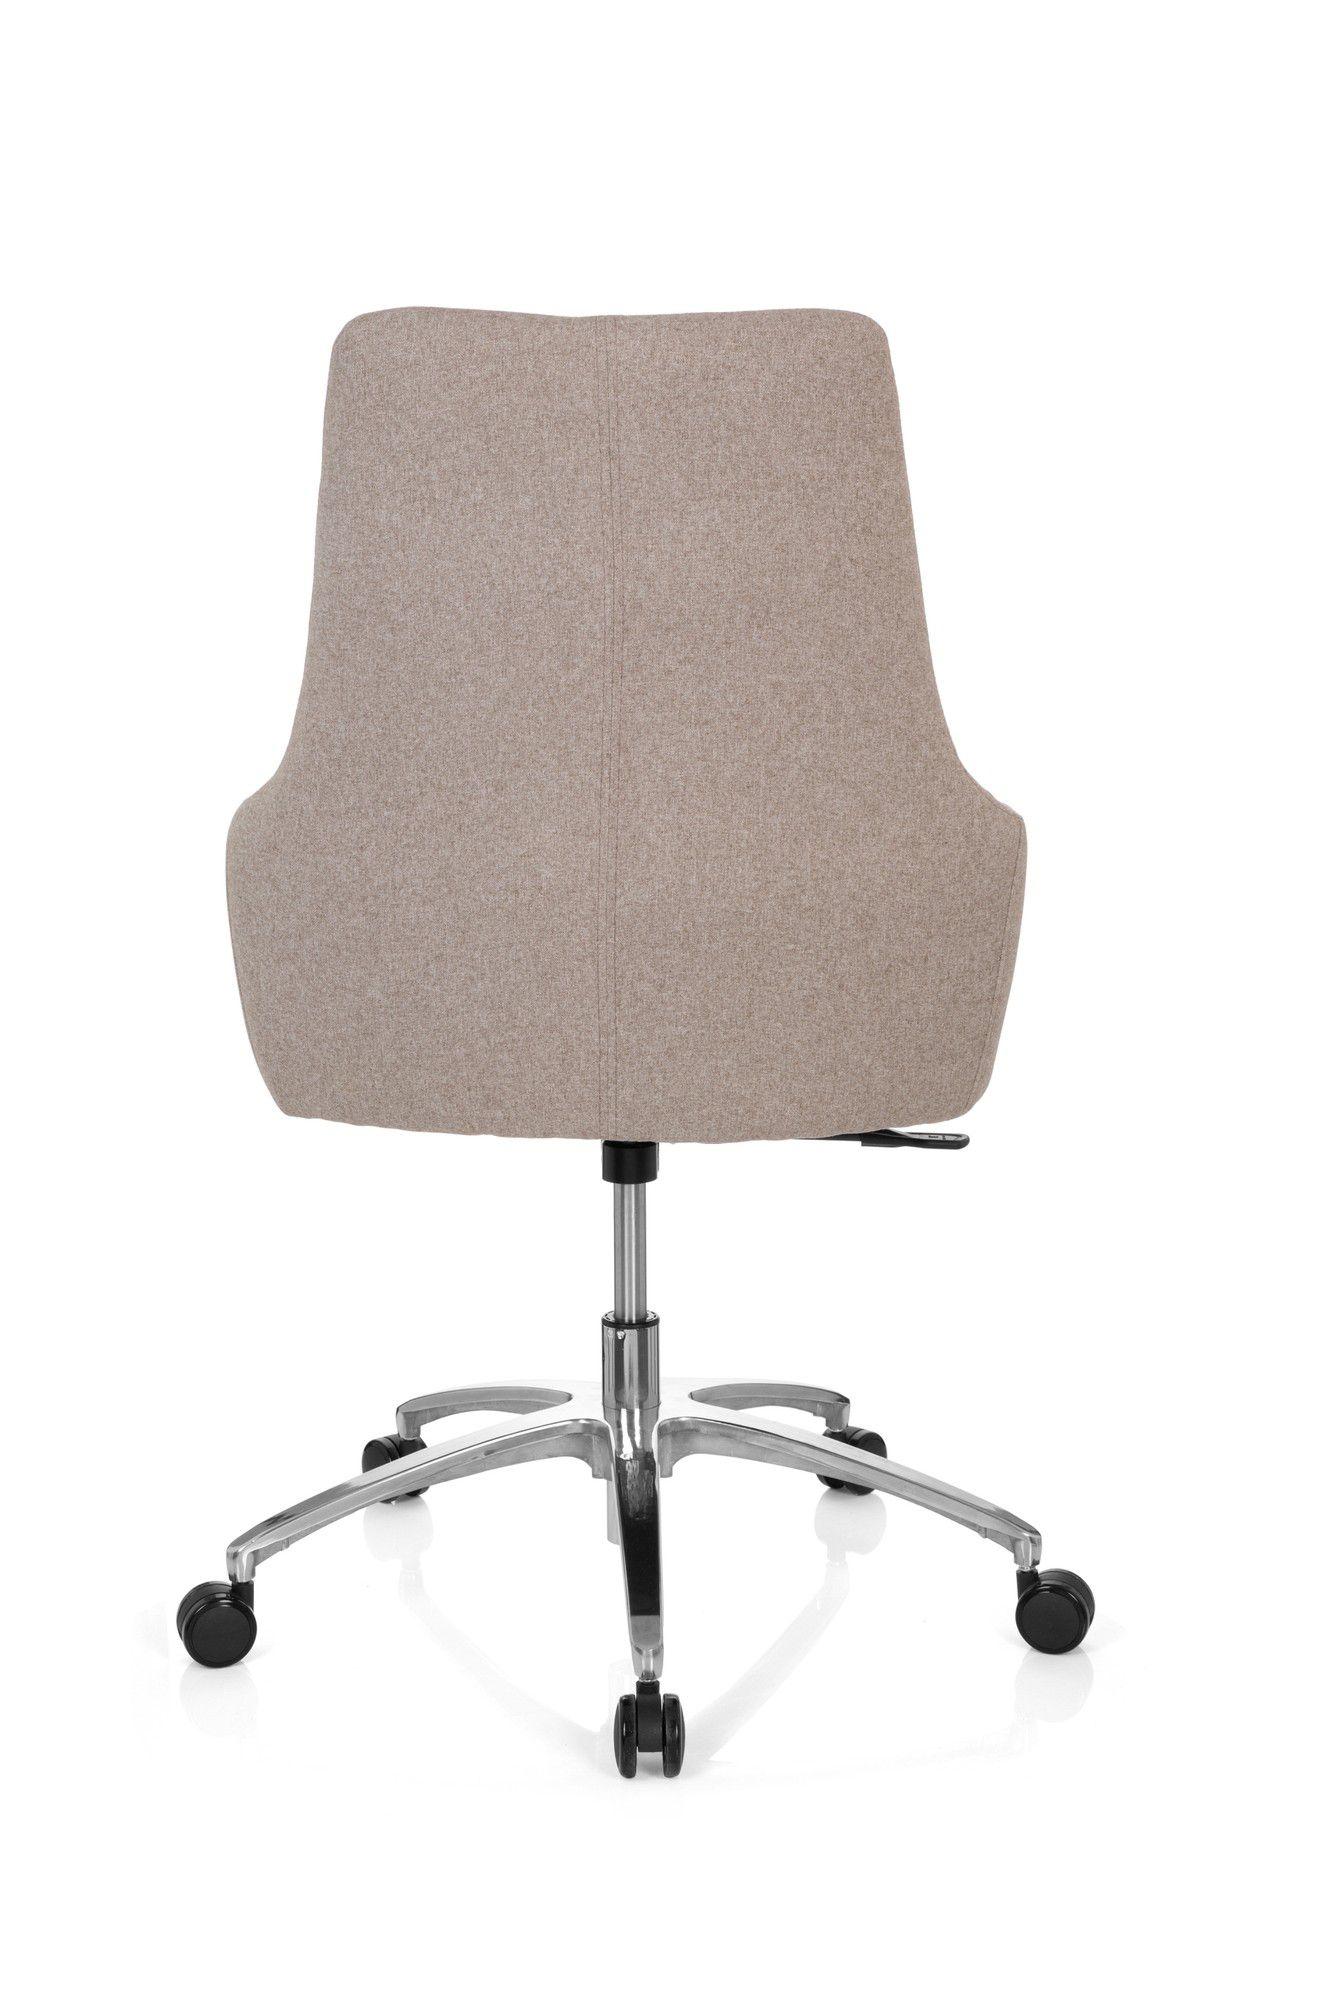 Bürostuhl Drehstuhl SHAKE 100 Stoff hellgrau hjh OFFICE